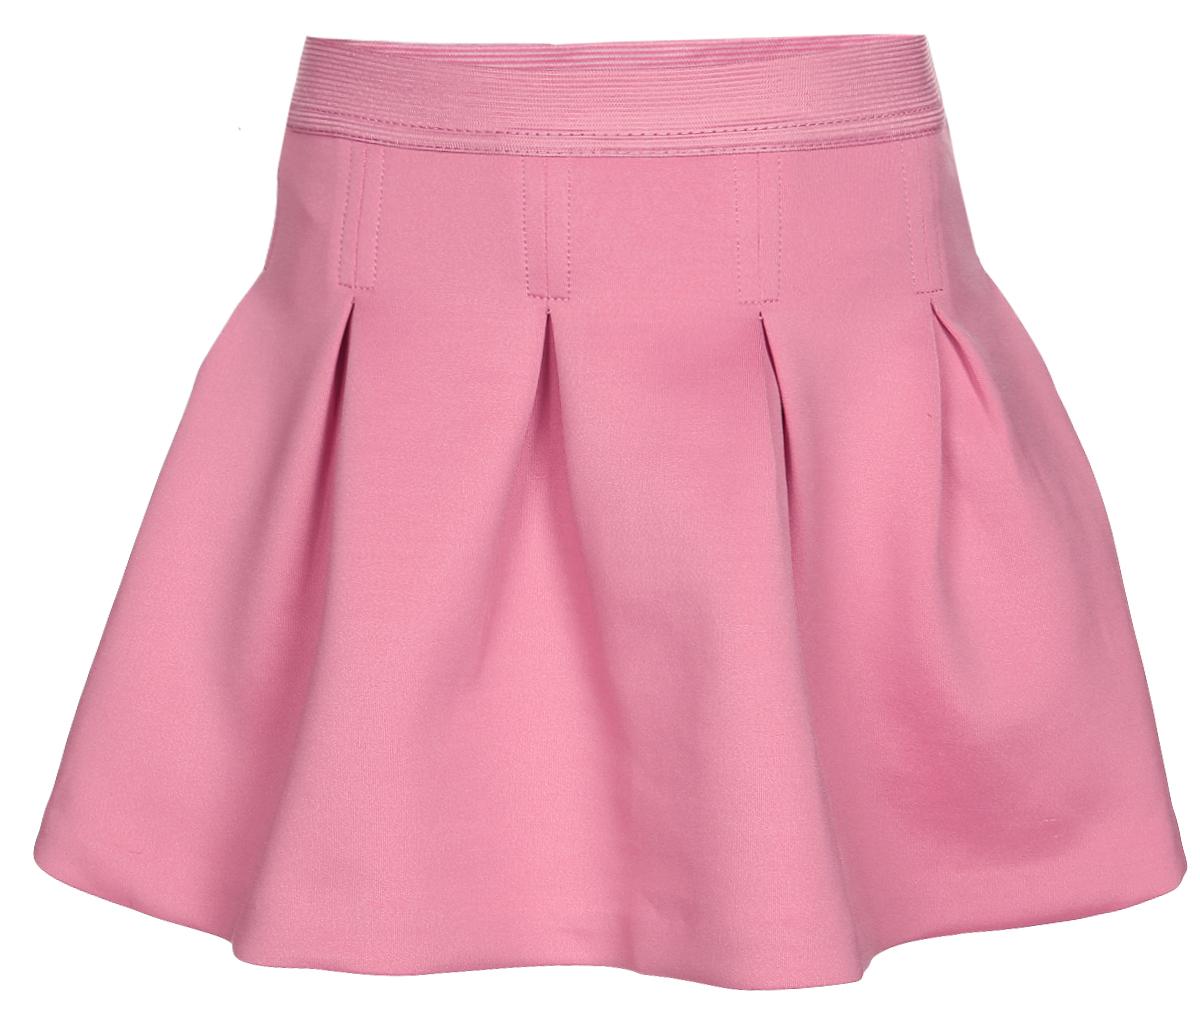 Юбка для девочки Sela, цвет: дымчато-розовый. SK-518/059-7110. Размер 116, 6-7 летSK-518/059-7110Короткая юбка-клеш для девочки Sela выполнена из плотного эластичного полиэстера. Юбка дополнена широкой эластичной резинкой на поясе и оснащена подъюбником из хлопка. Модель оформлена декоративными встречными складками.